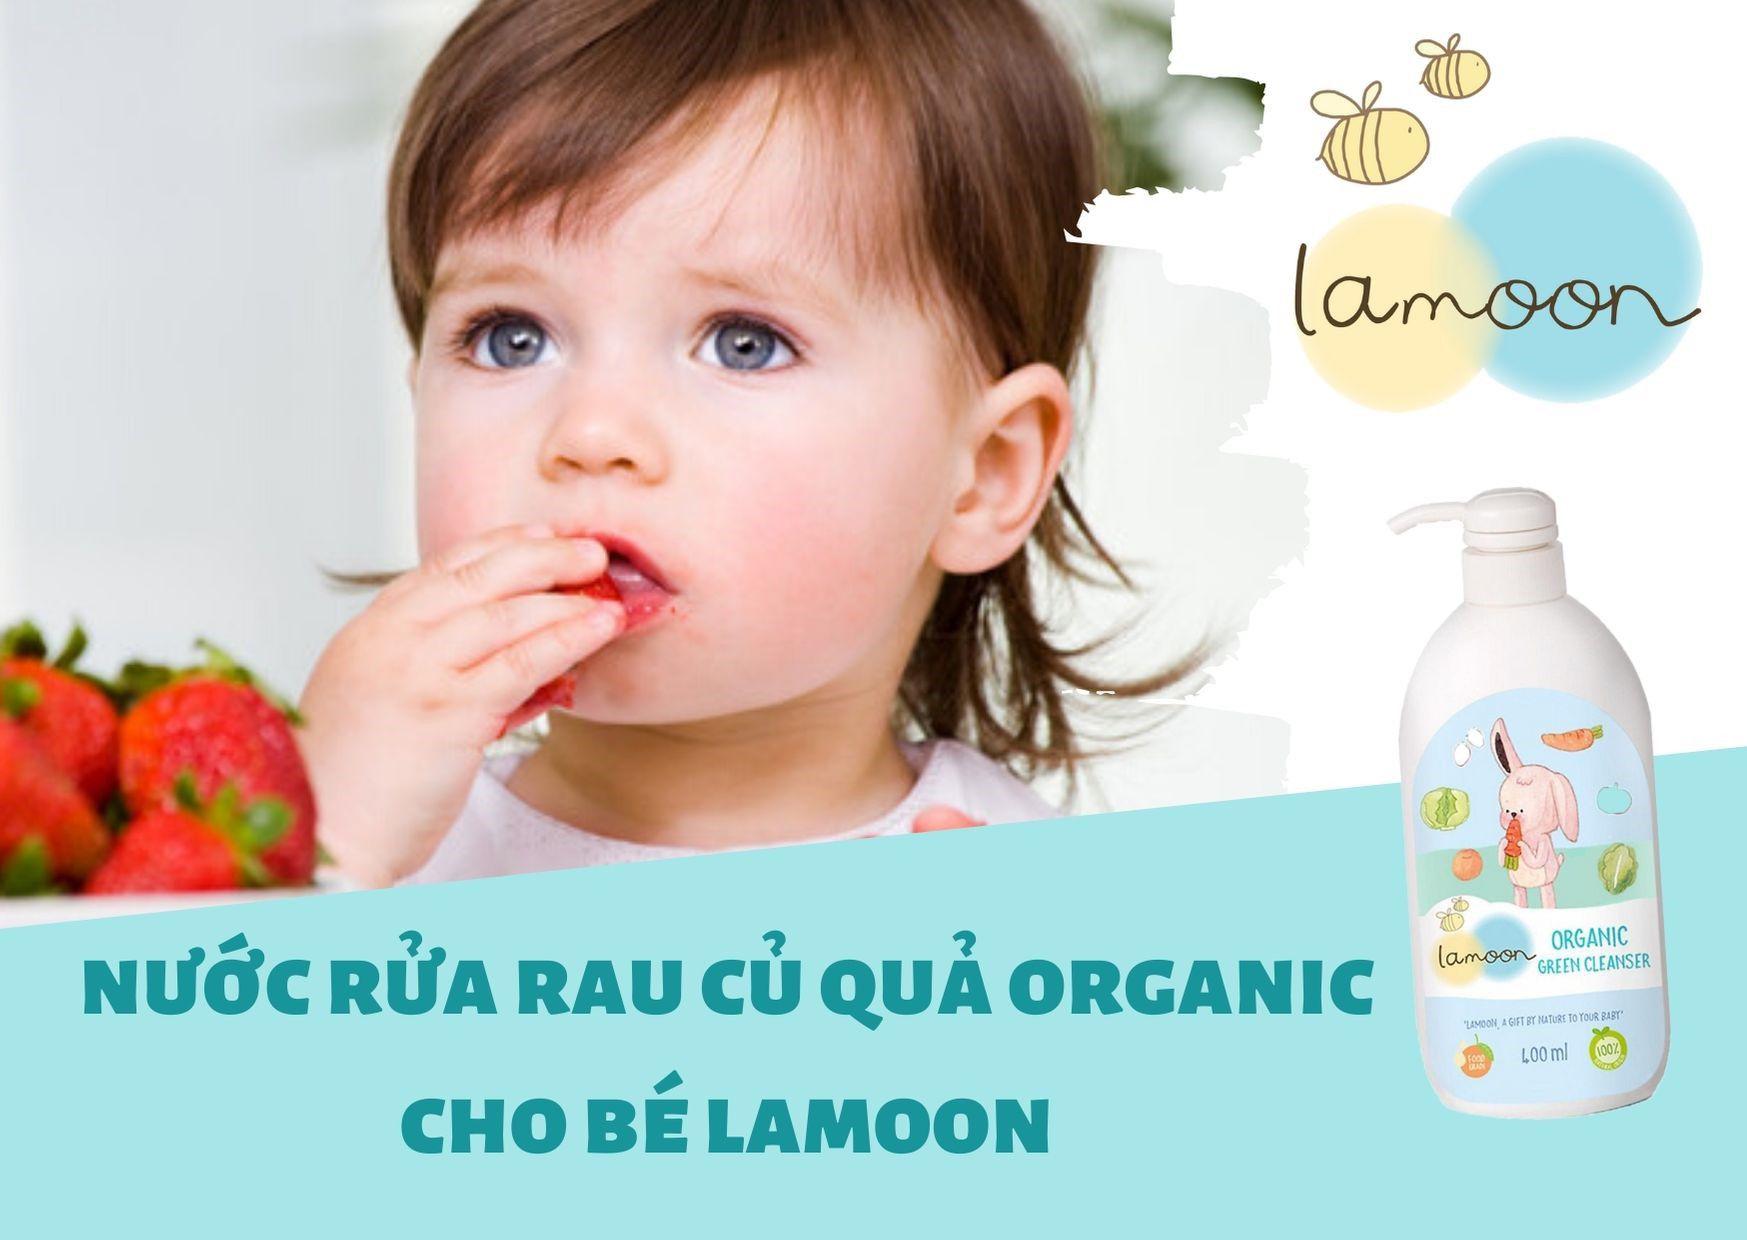 Nước rửa rau củ quả Organic cho bé Lamoon - Bình 400ml